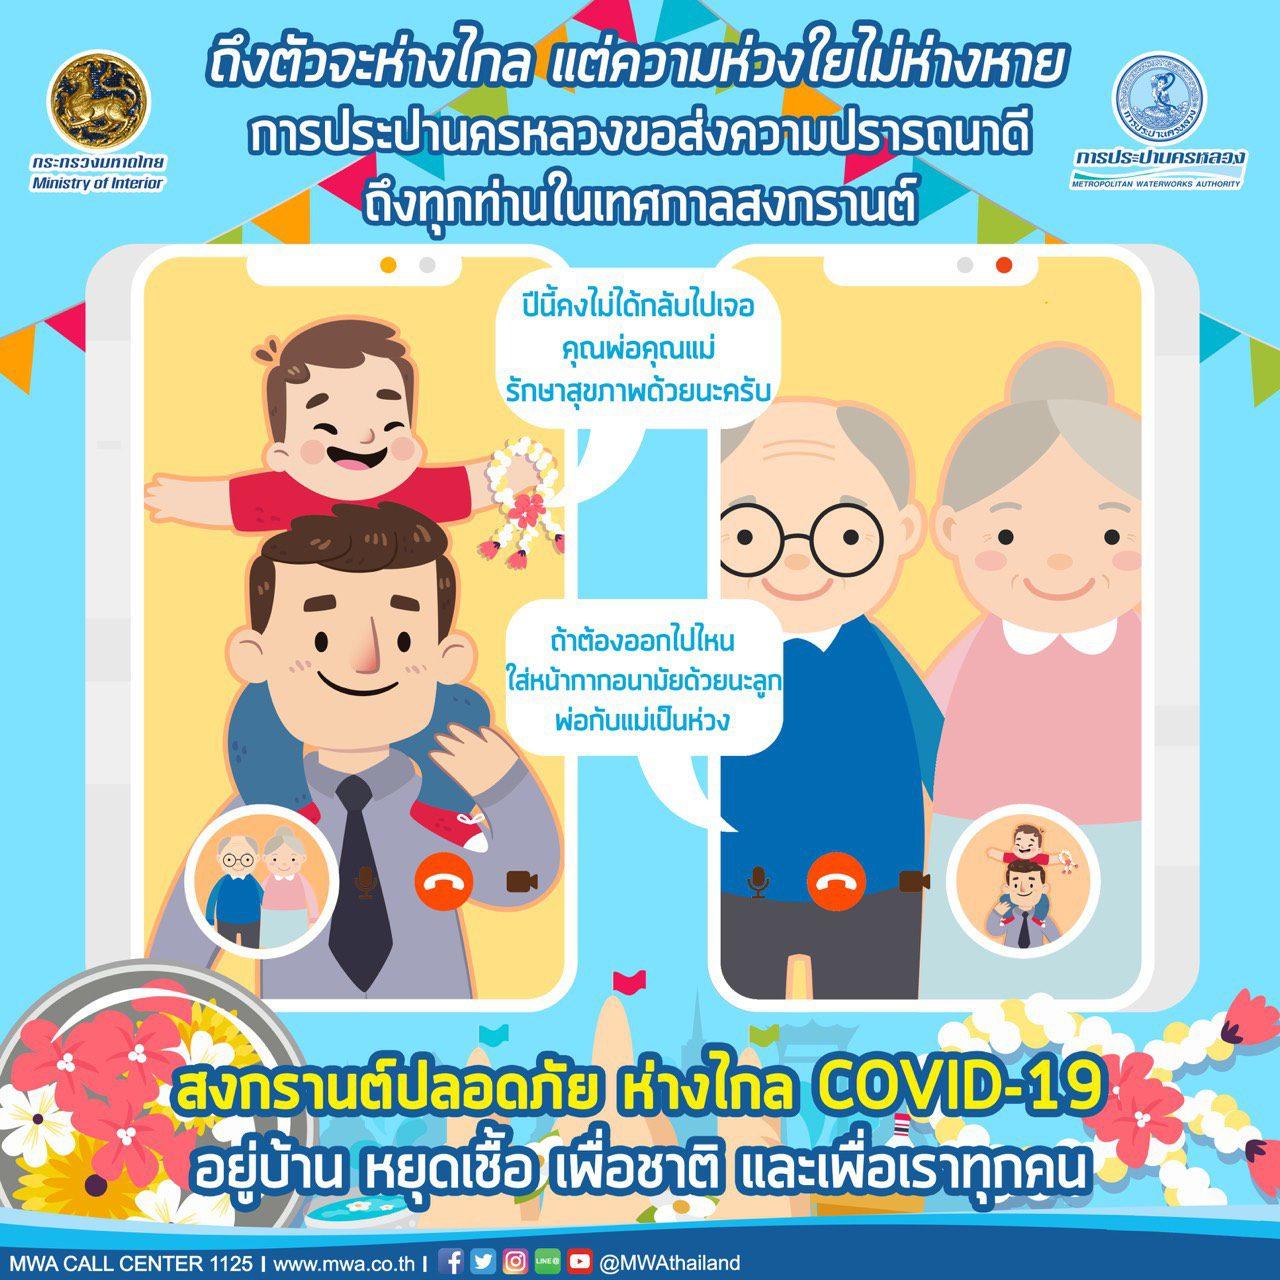 กปน. ชวนชาวไทยร่วมสืบสานสงกรานต์ไทยผ่านสื่อออนไลน์ปลอดภัยจาก COVID-19